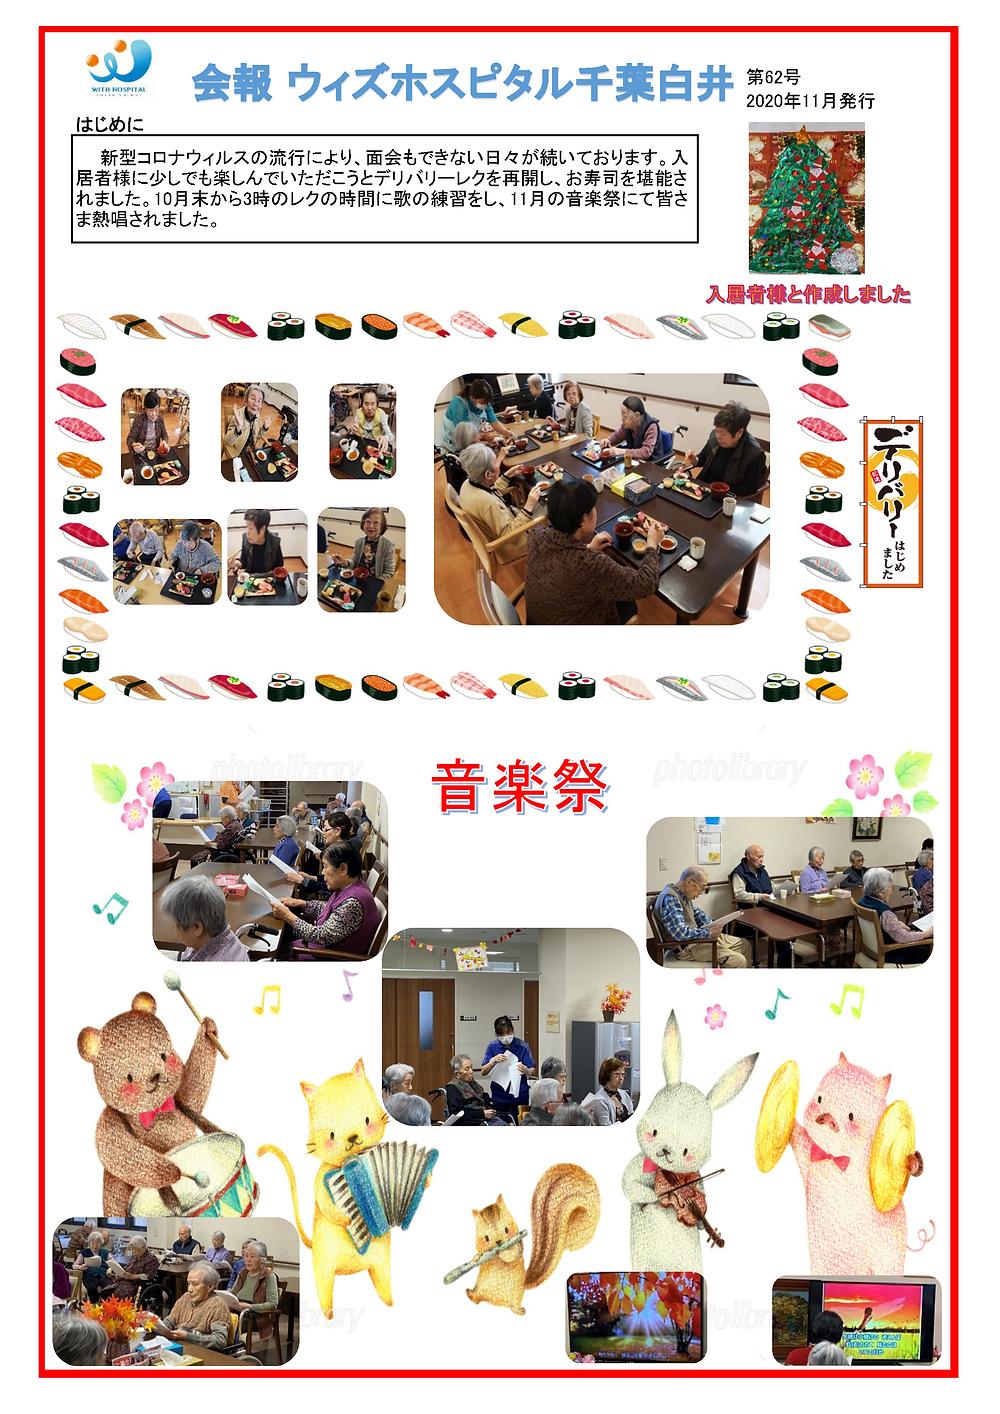 ウィズホスピタル千葉白井会報1